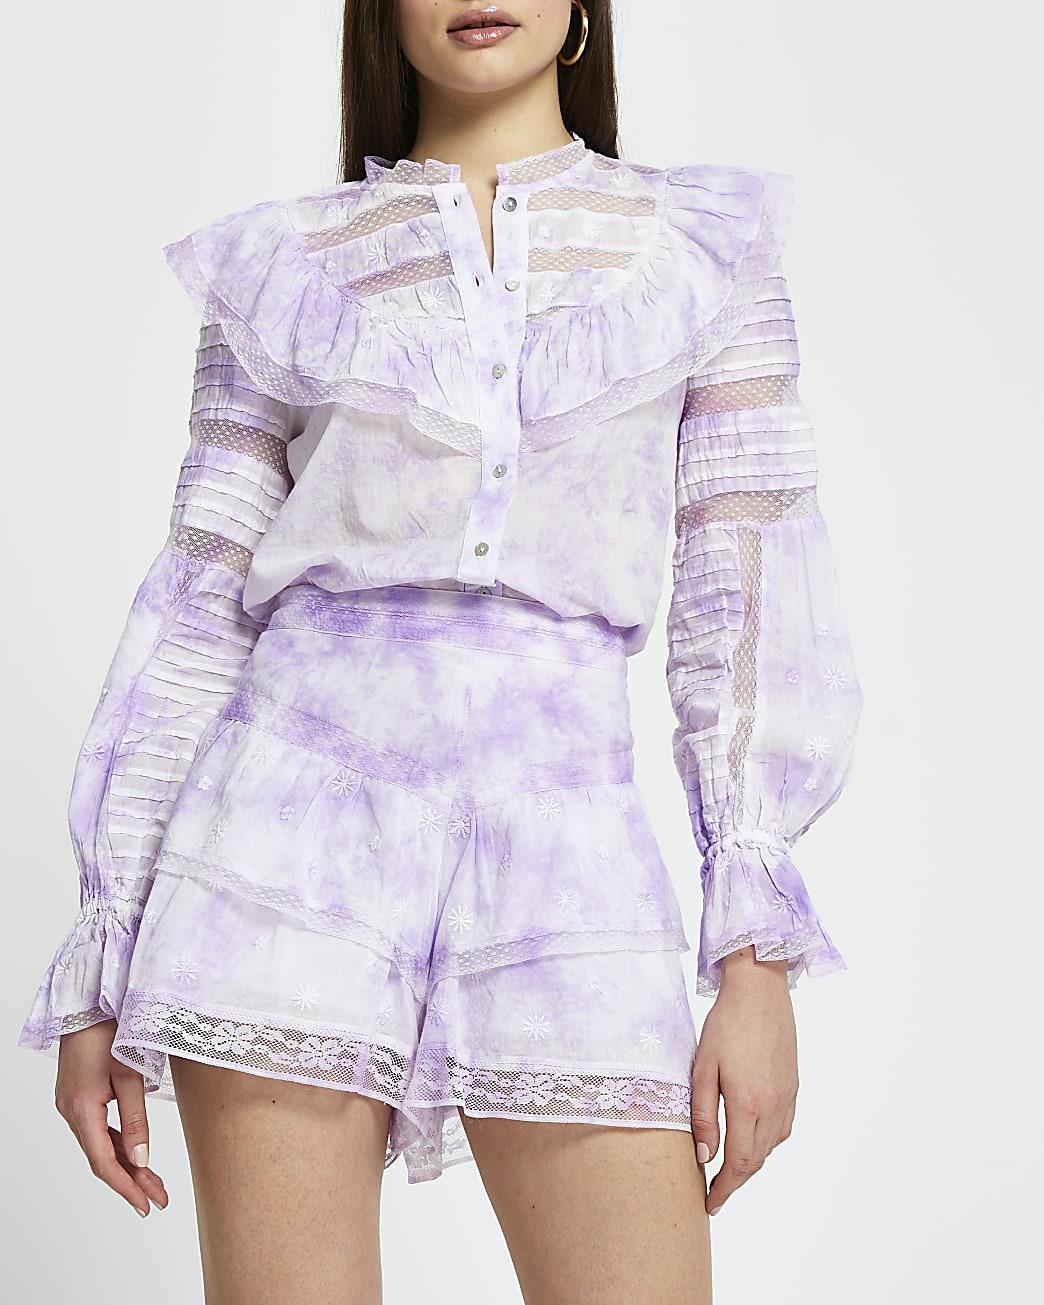 Purple tie dye ruffle shorts